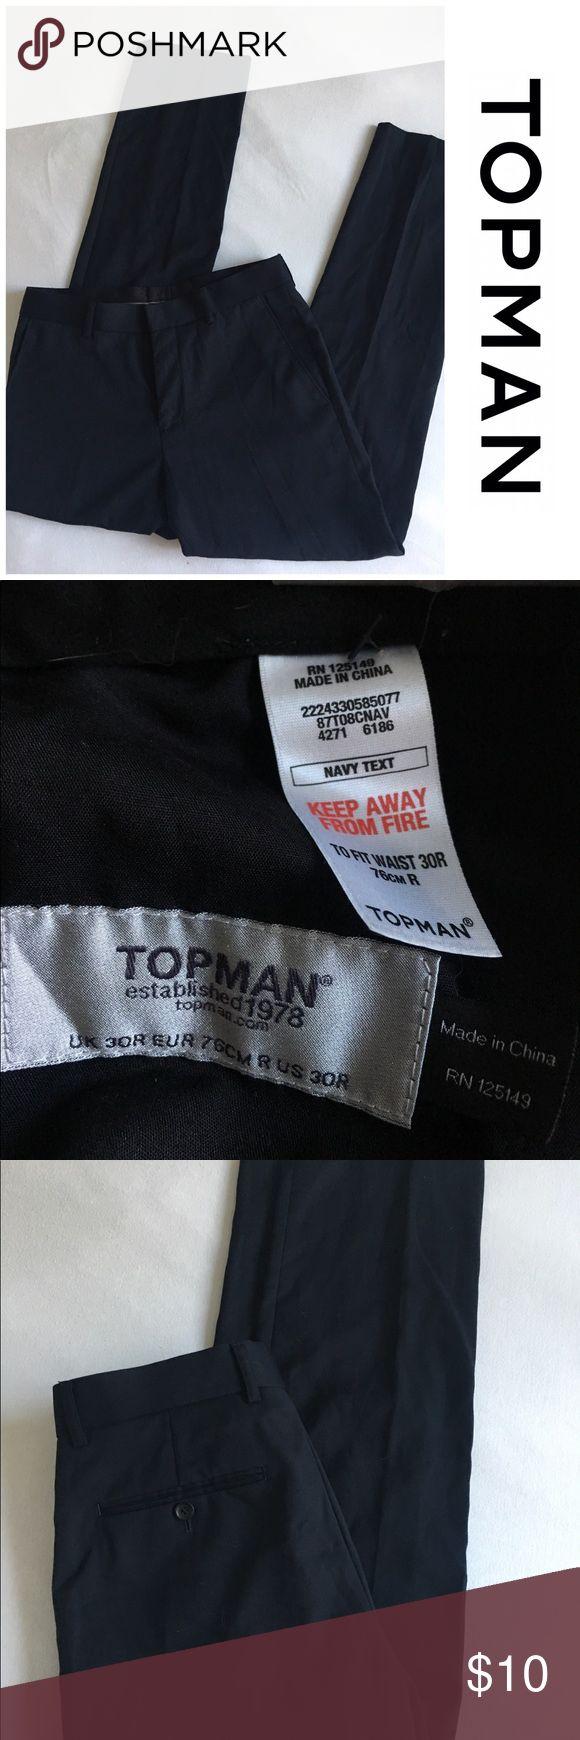 """Topman Navy dress pants Topman black dress pants - inseam 31"""" Topman Pants Dress"""